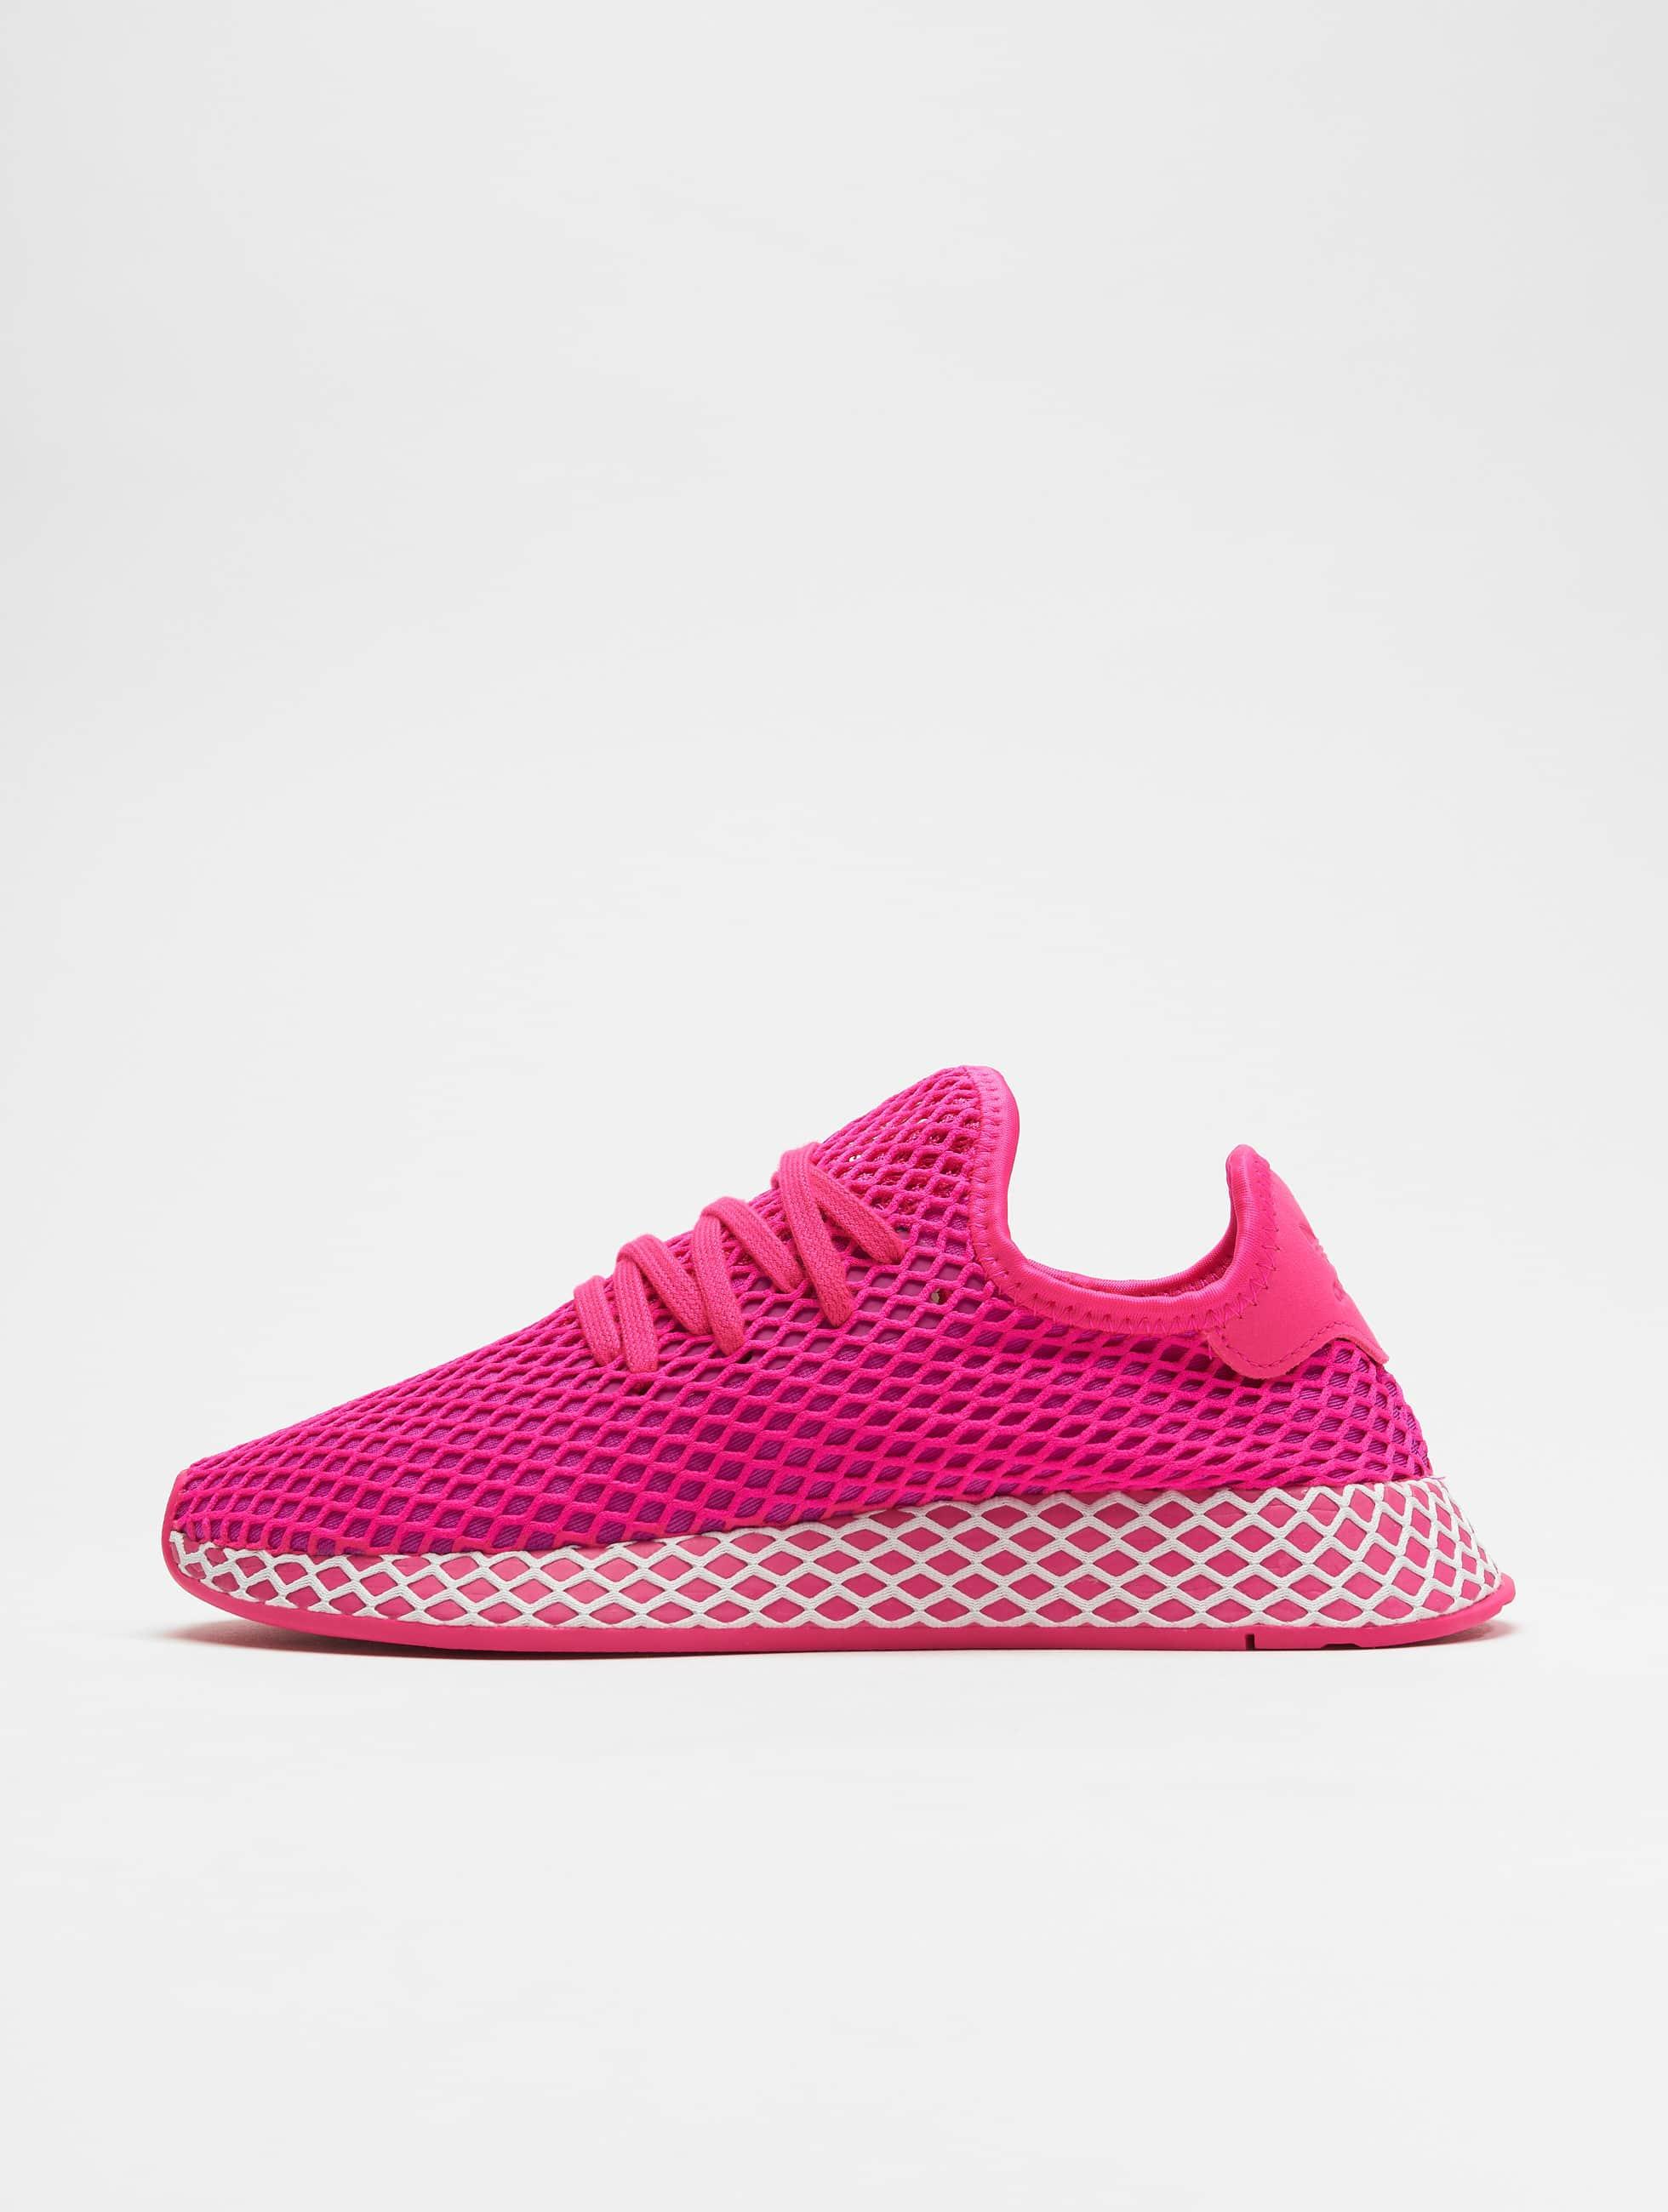 599565 Schoen Deerupt Pink In Sneaker Adidas Originals AjL4R5